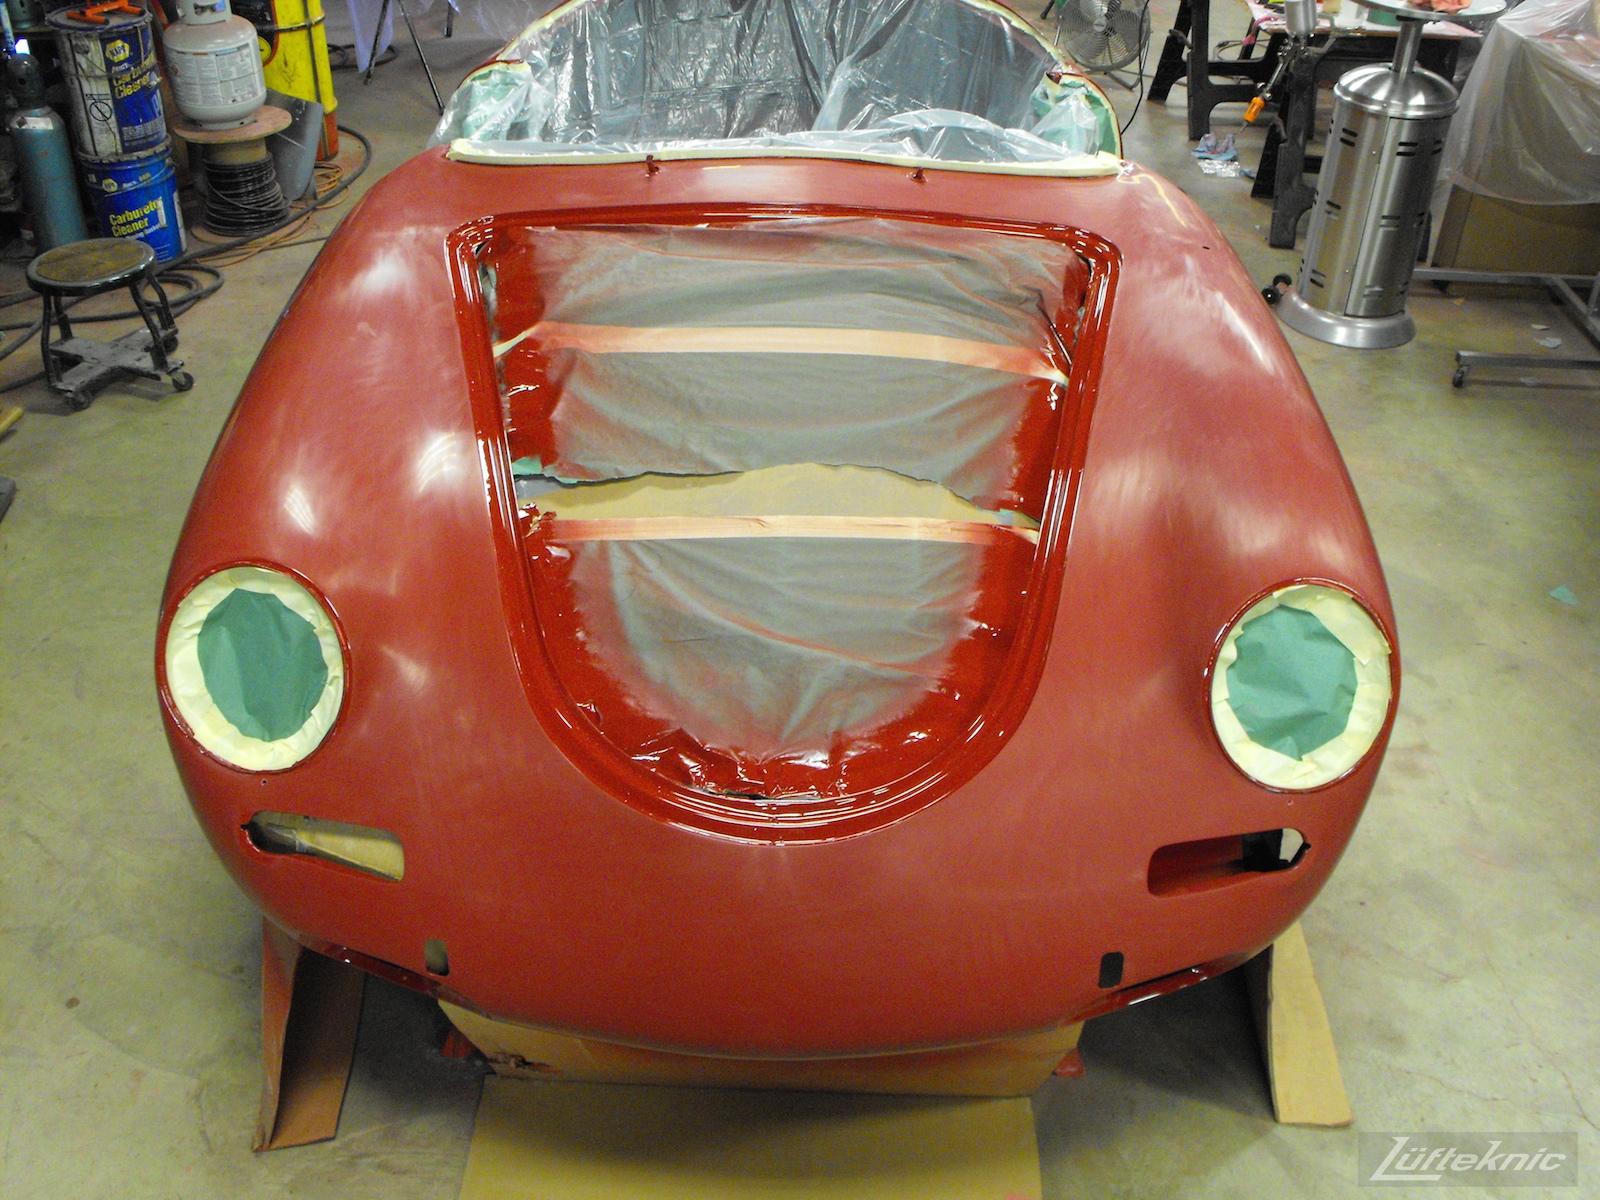 Sanding a 1961 Porsche 356B Roadster restoration.